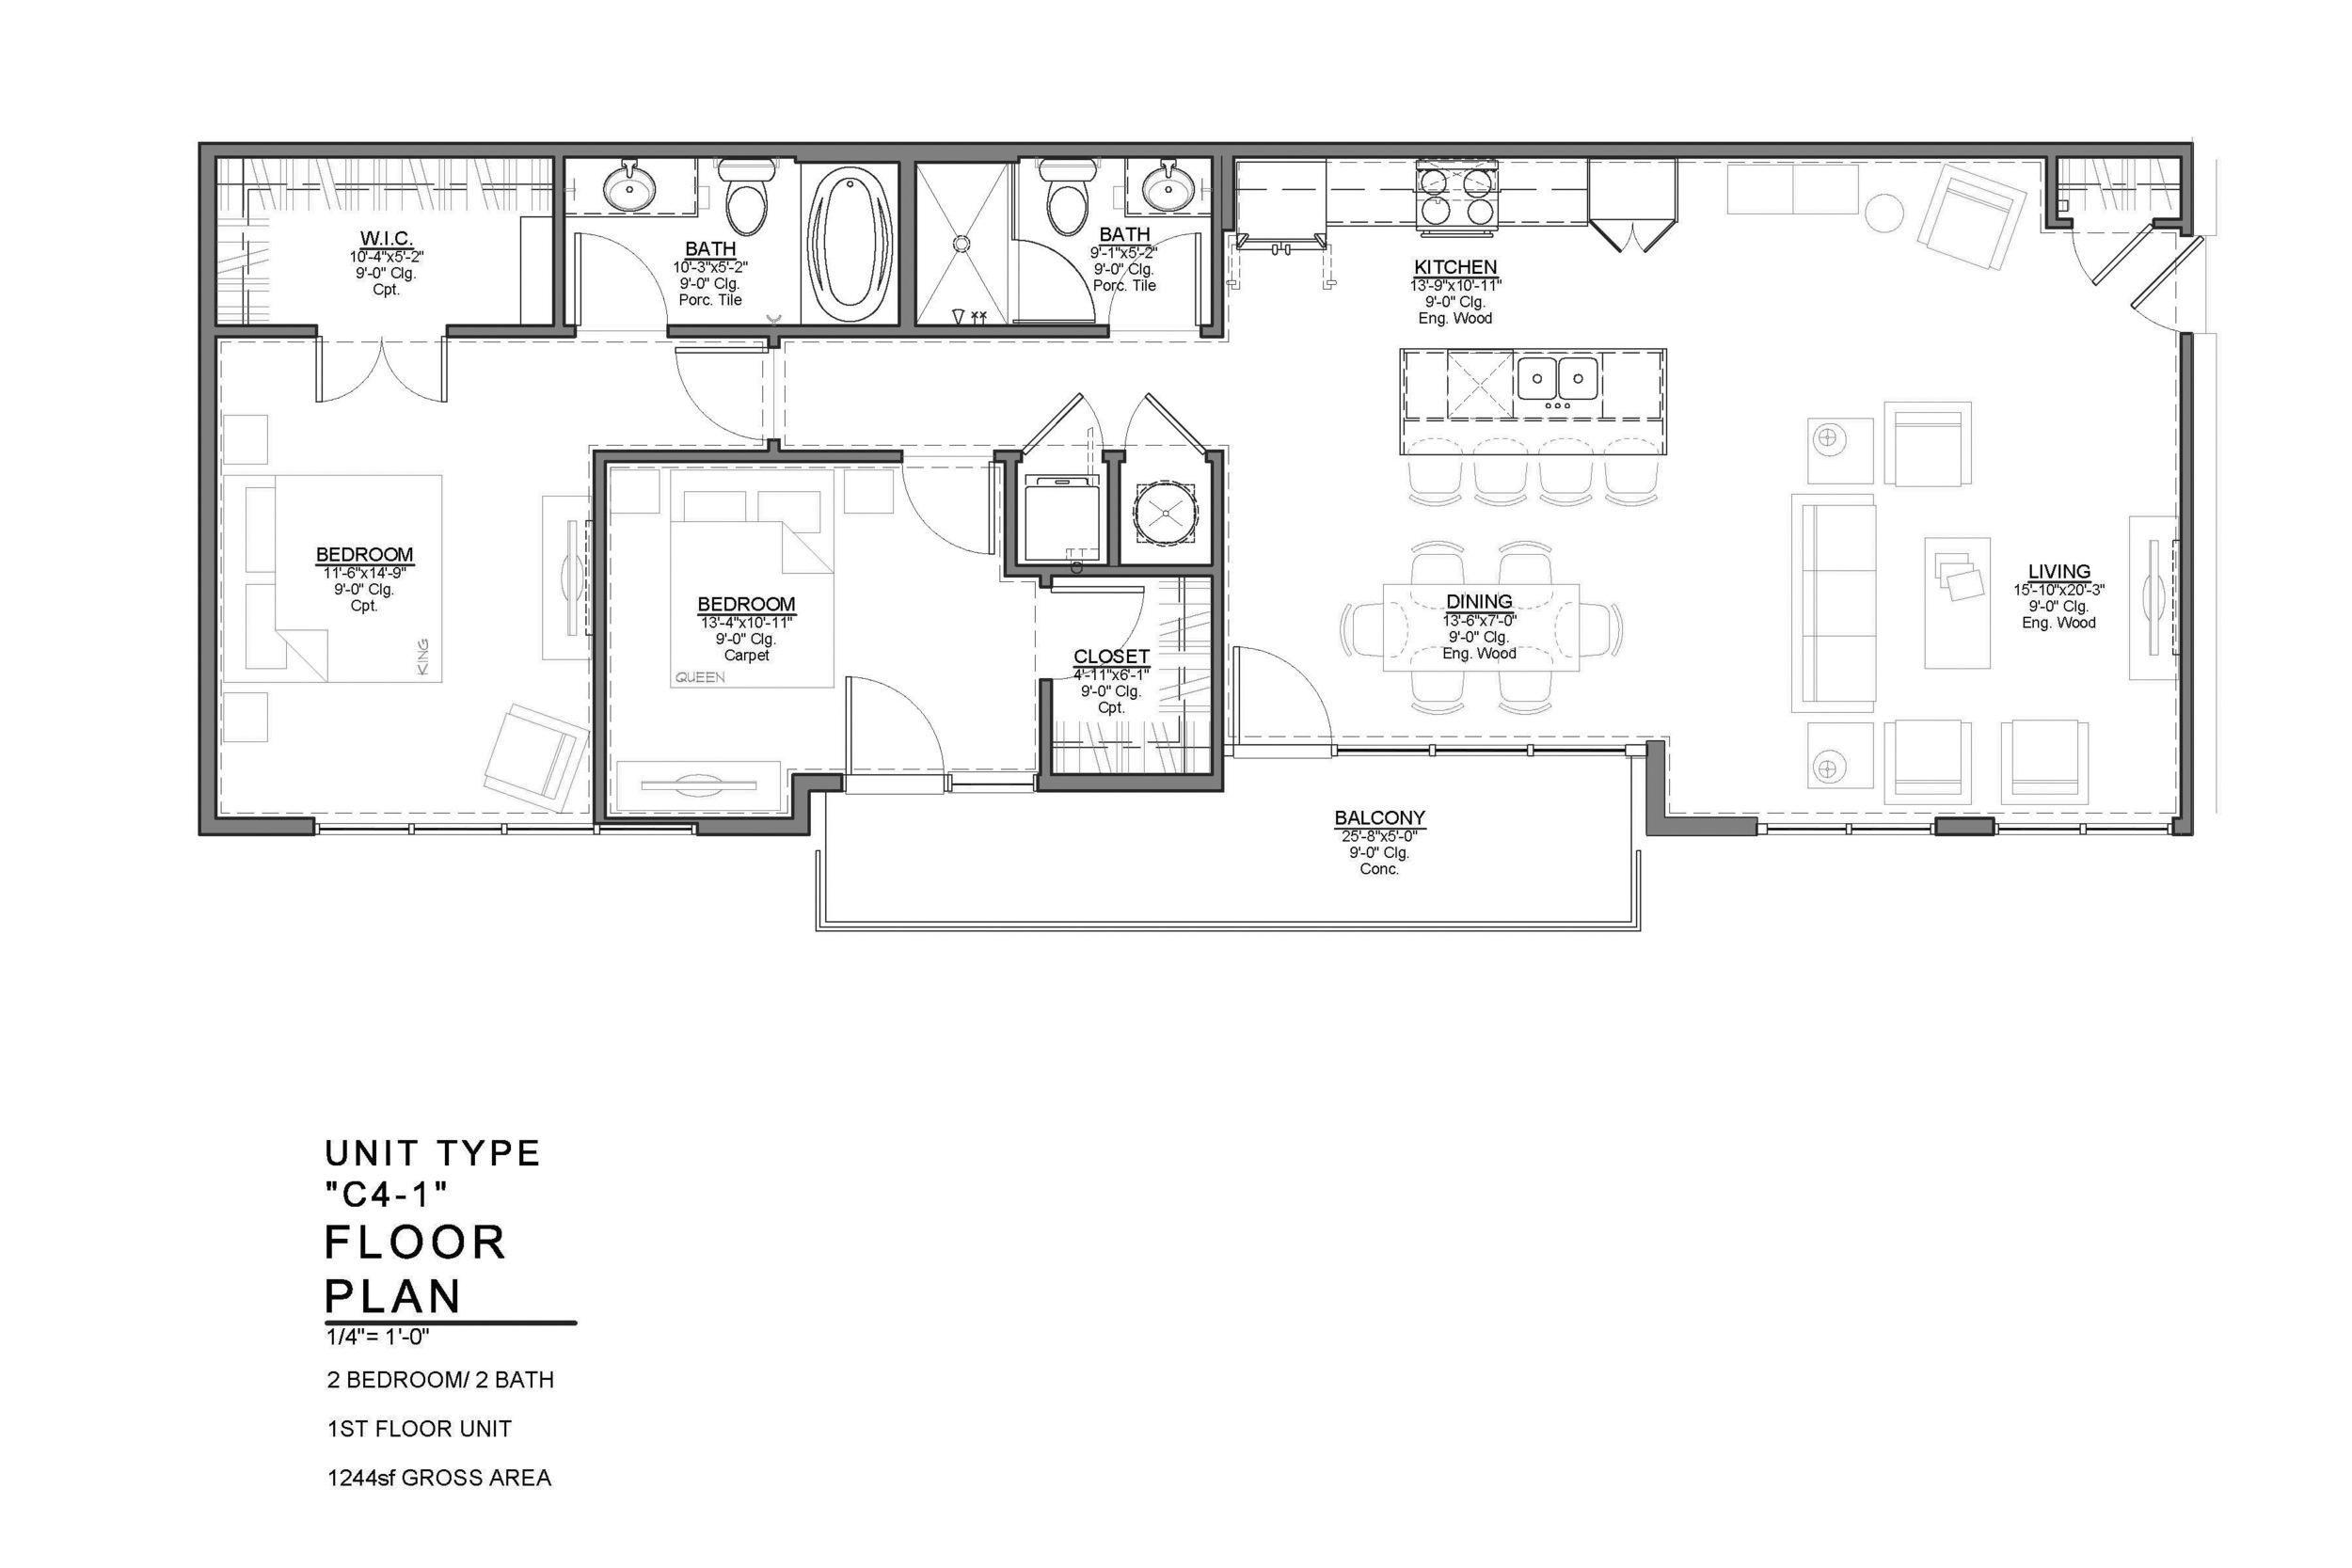 C4-1 FLOOR PLAN: 2 BEDROOM / 2 BATH